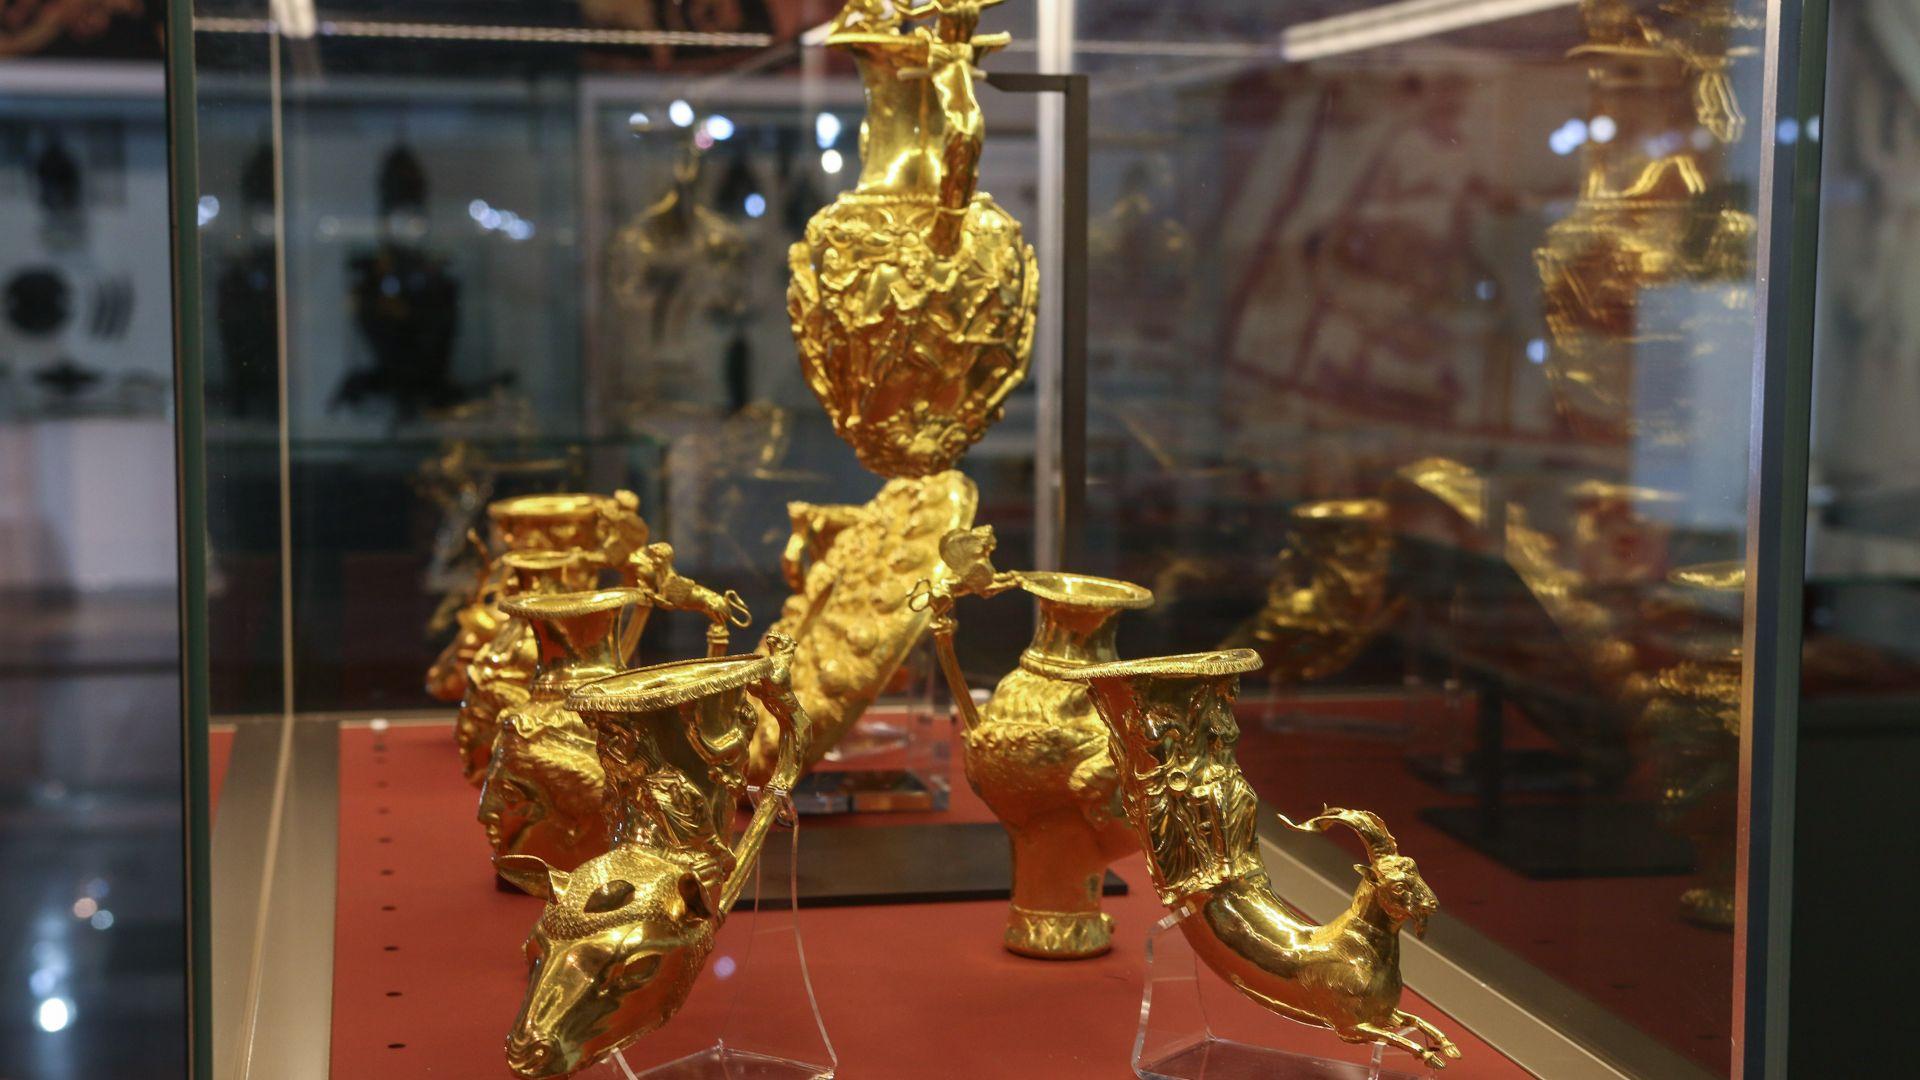 Институциите категорични: Няма задържано копие на Панагюрското съкровище в Дубай